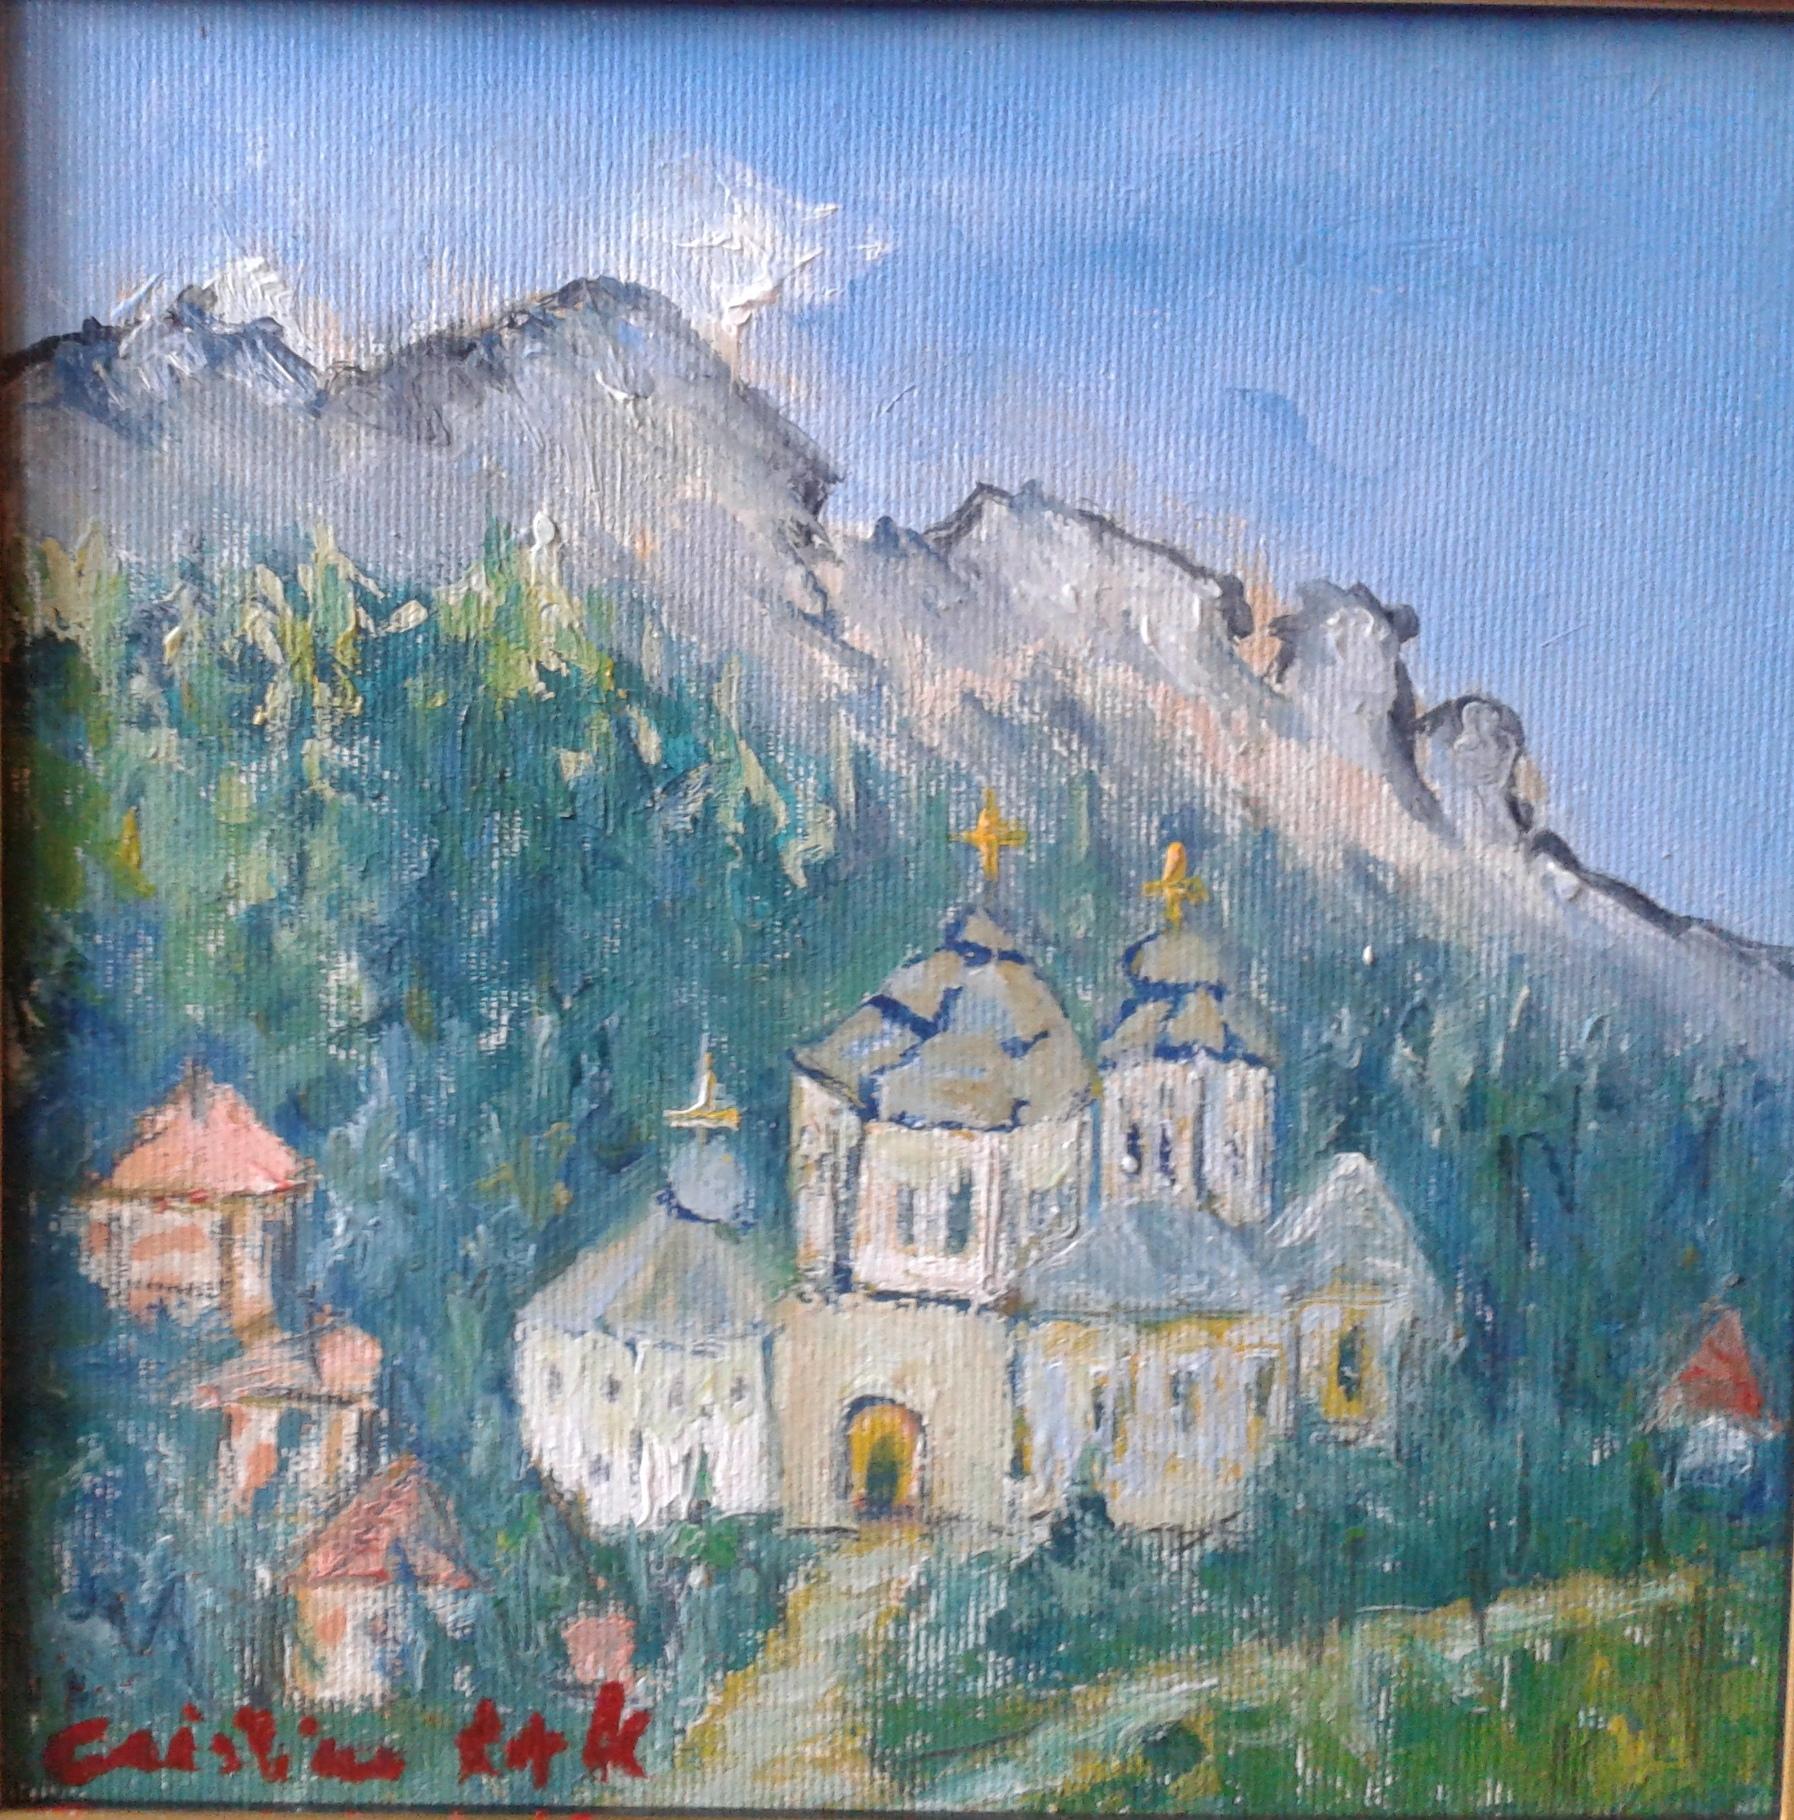 Mănăstirea de sub munte-ulei pe pânză- 30x30 cm